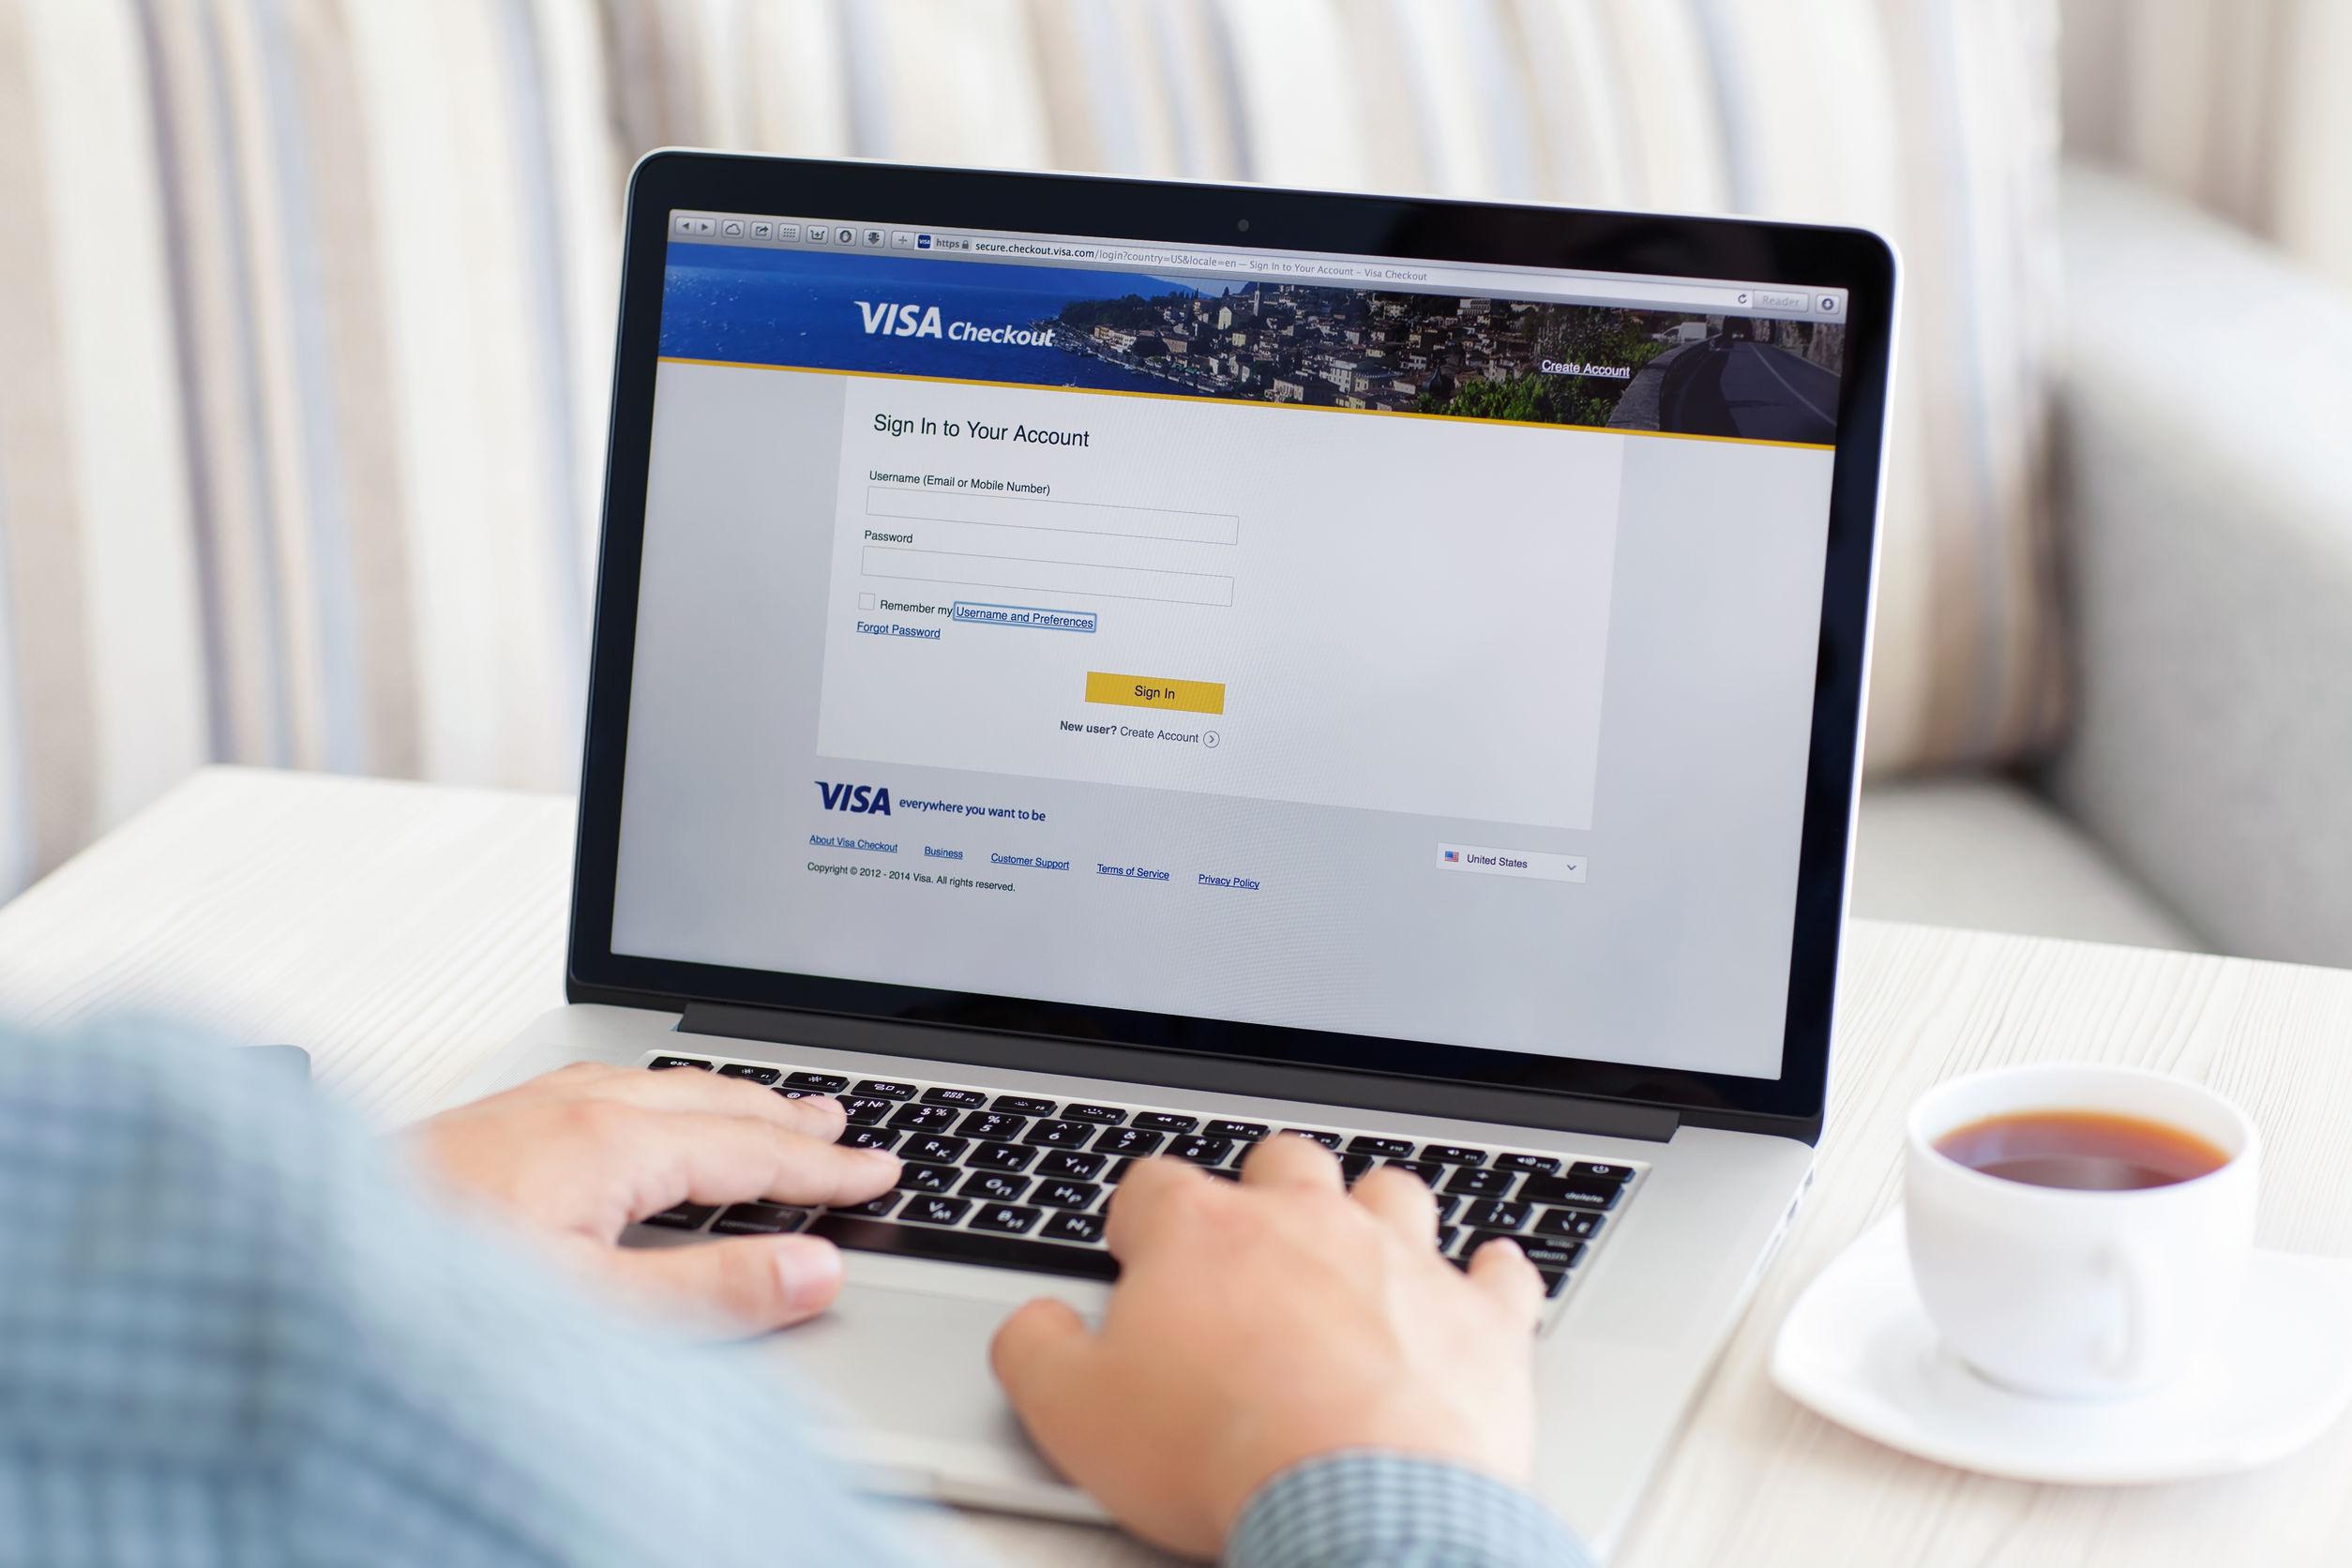 Acheter des stimulants sexuels en ligne : payer à la livraison ou par prélèvement SEPA ?